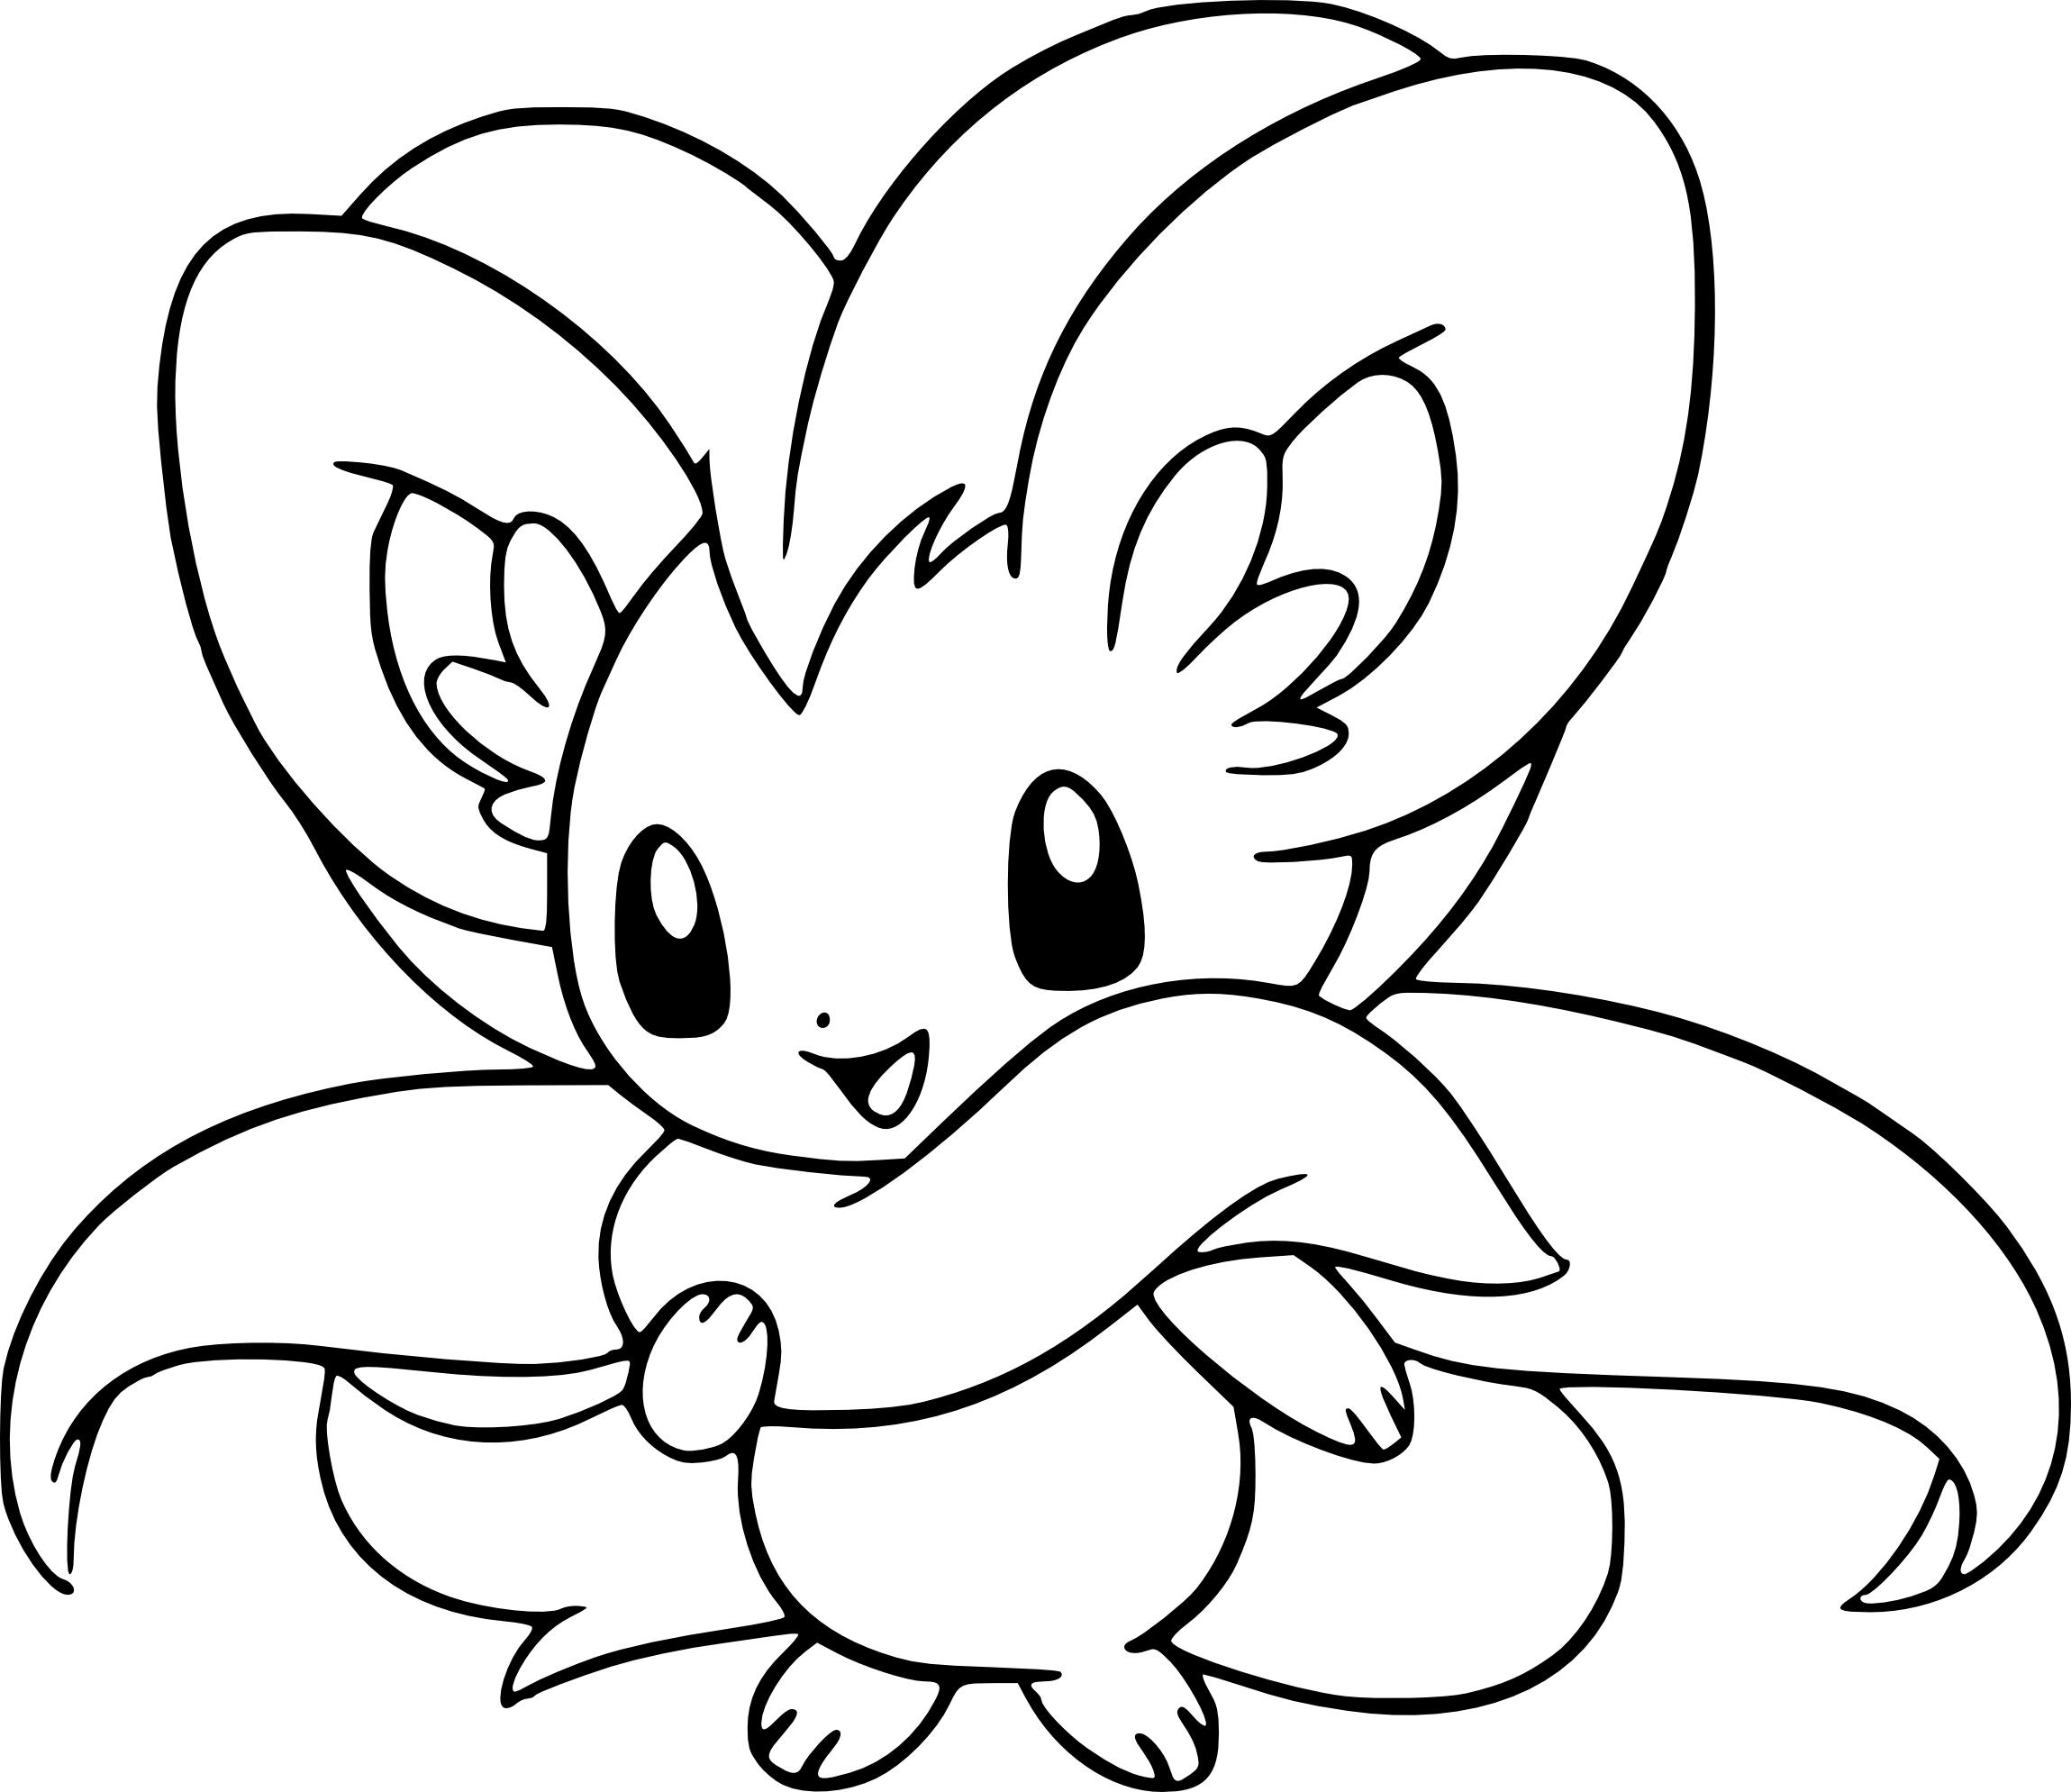 Coloriage Pashmilla Pokemon À Imprimer à Dessin Pokemon Gratuit A Imprimer